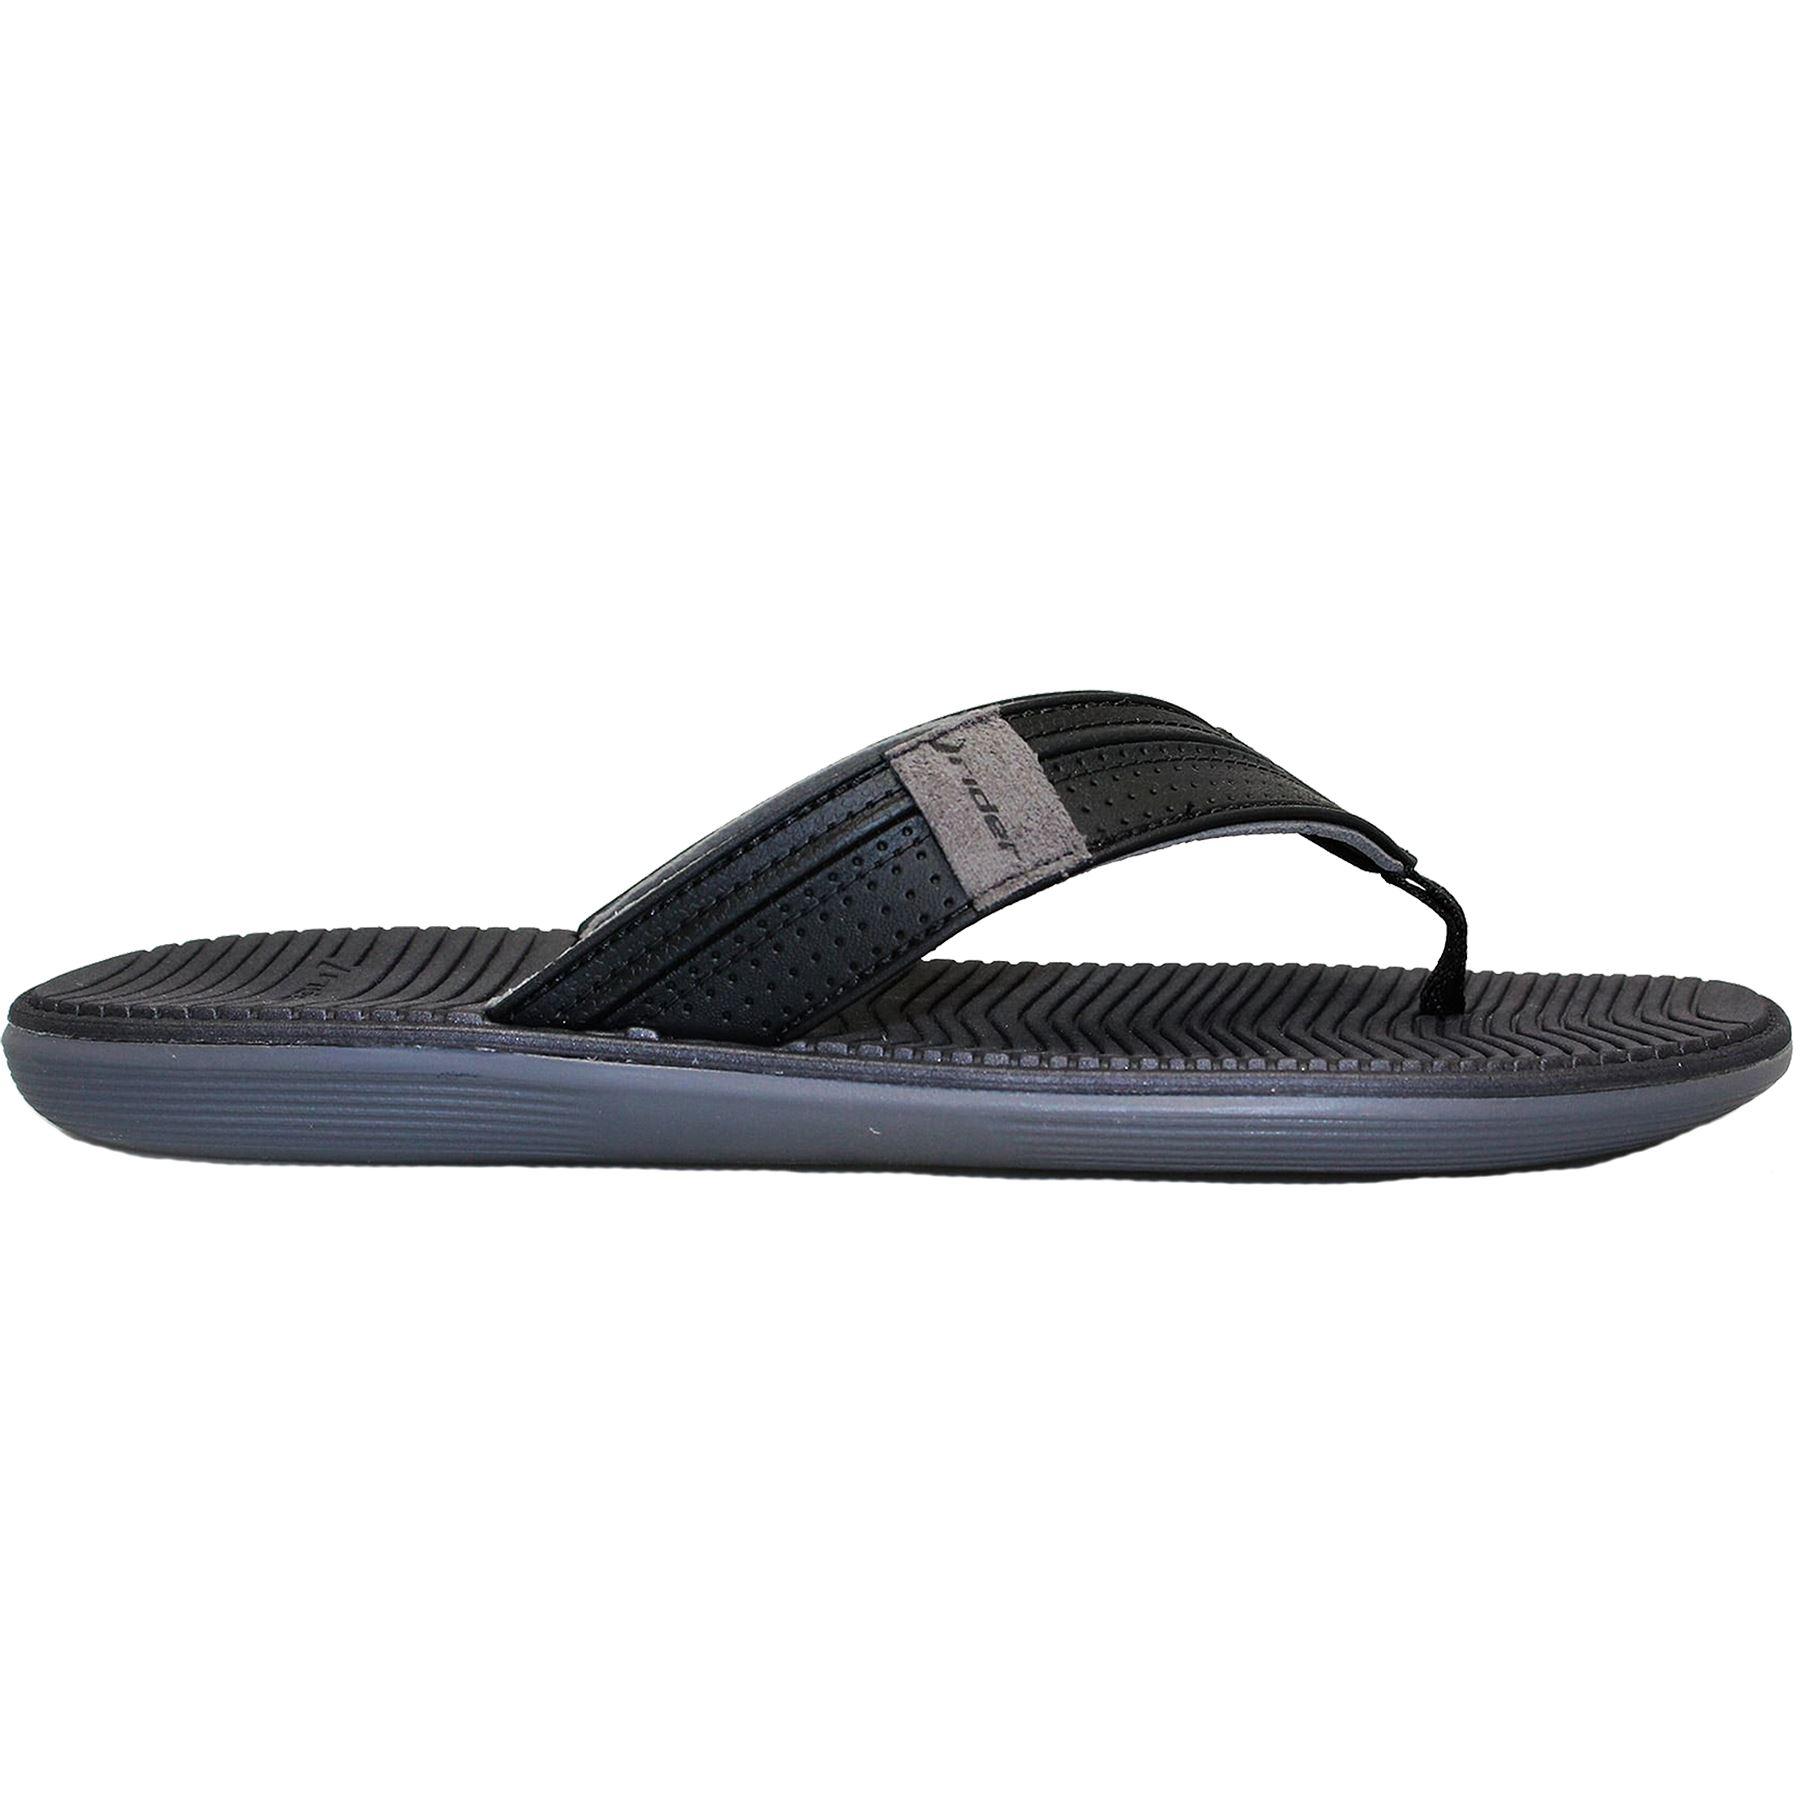 2d63d6f18b2bcf JMR007 Malta Mens Non Slip Water Repellent Cushioned Thong Sandals Flip Flop